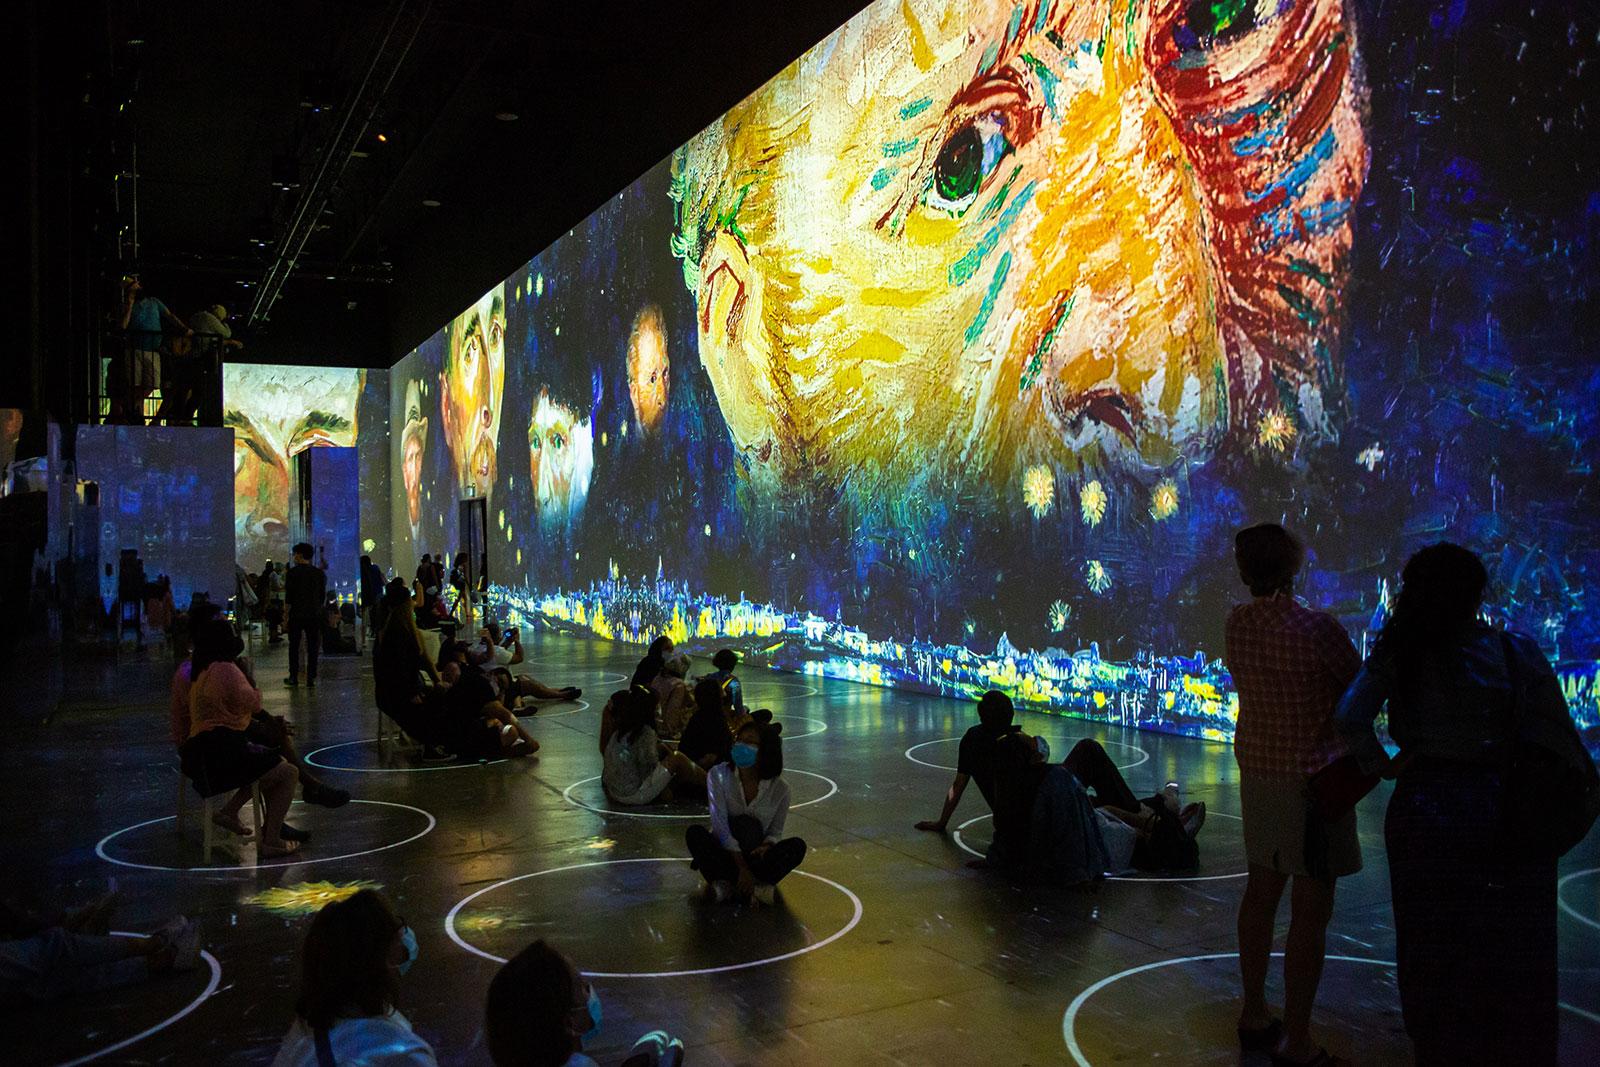 Meyer Sound дает возможность услышать завораживающие картины Ван Гога